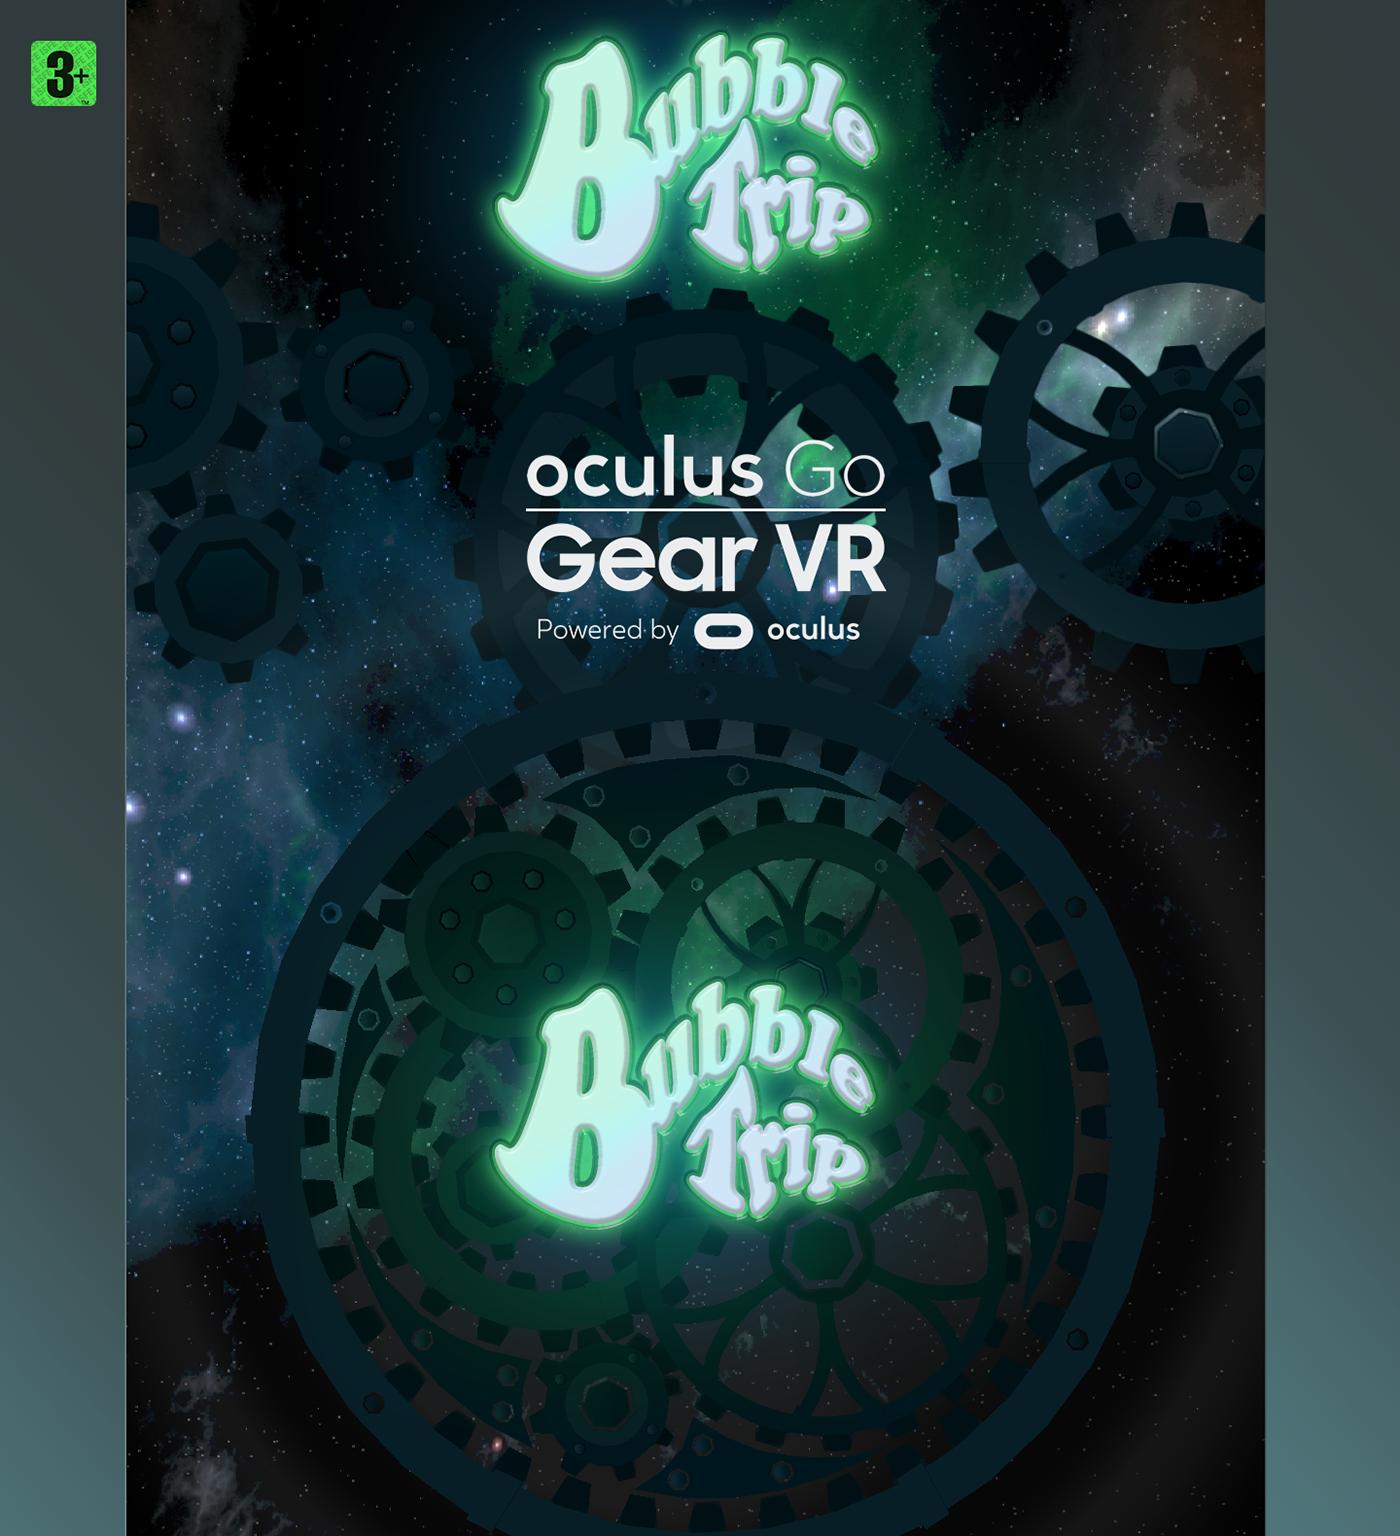 vr game unity arcade reflexion Gear VR oculus go Oculus quest Samsung app